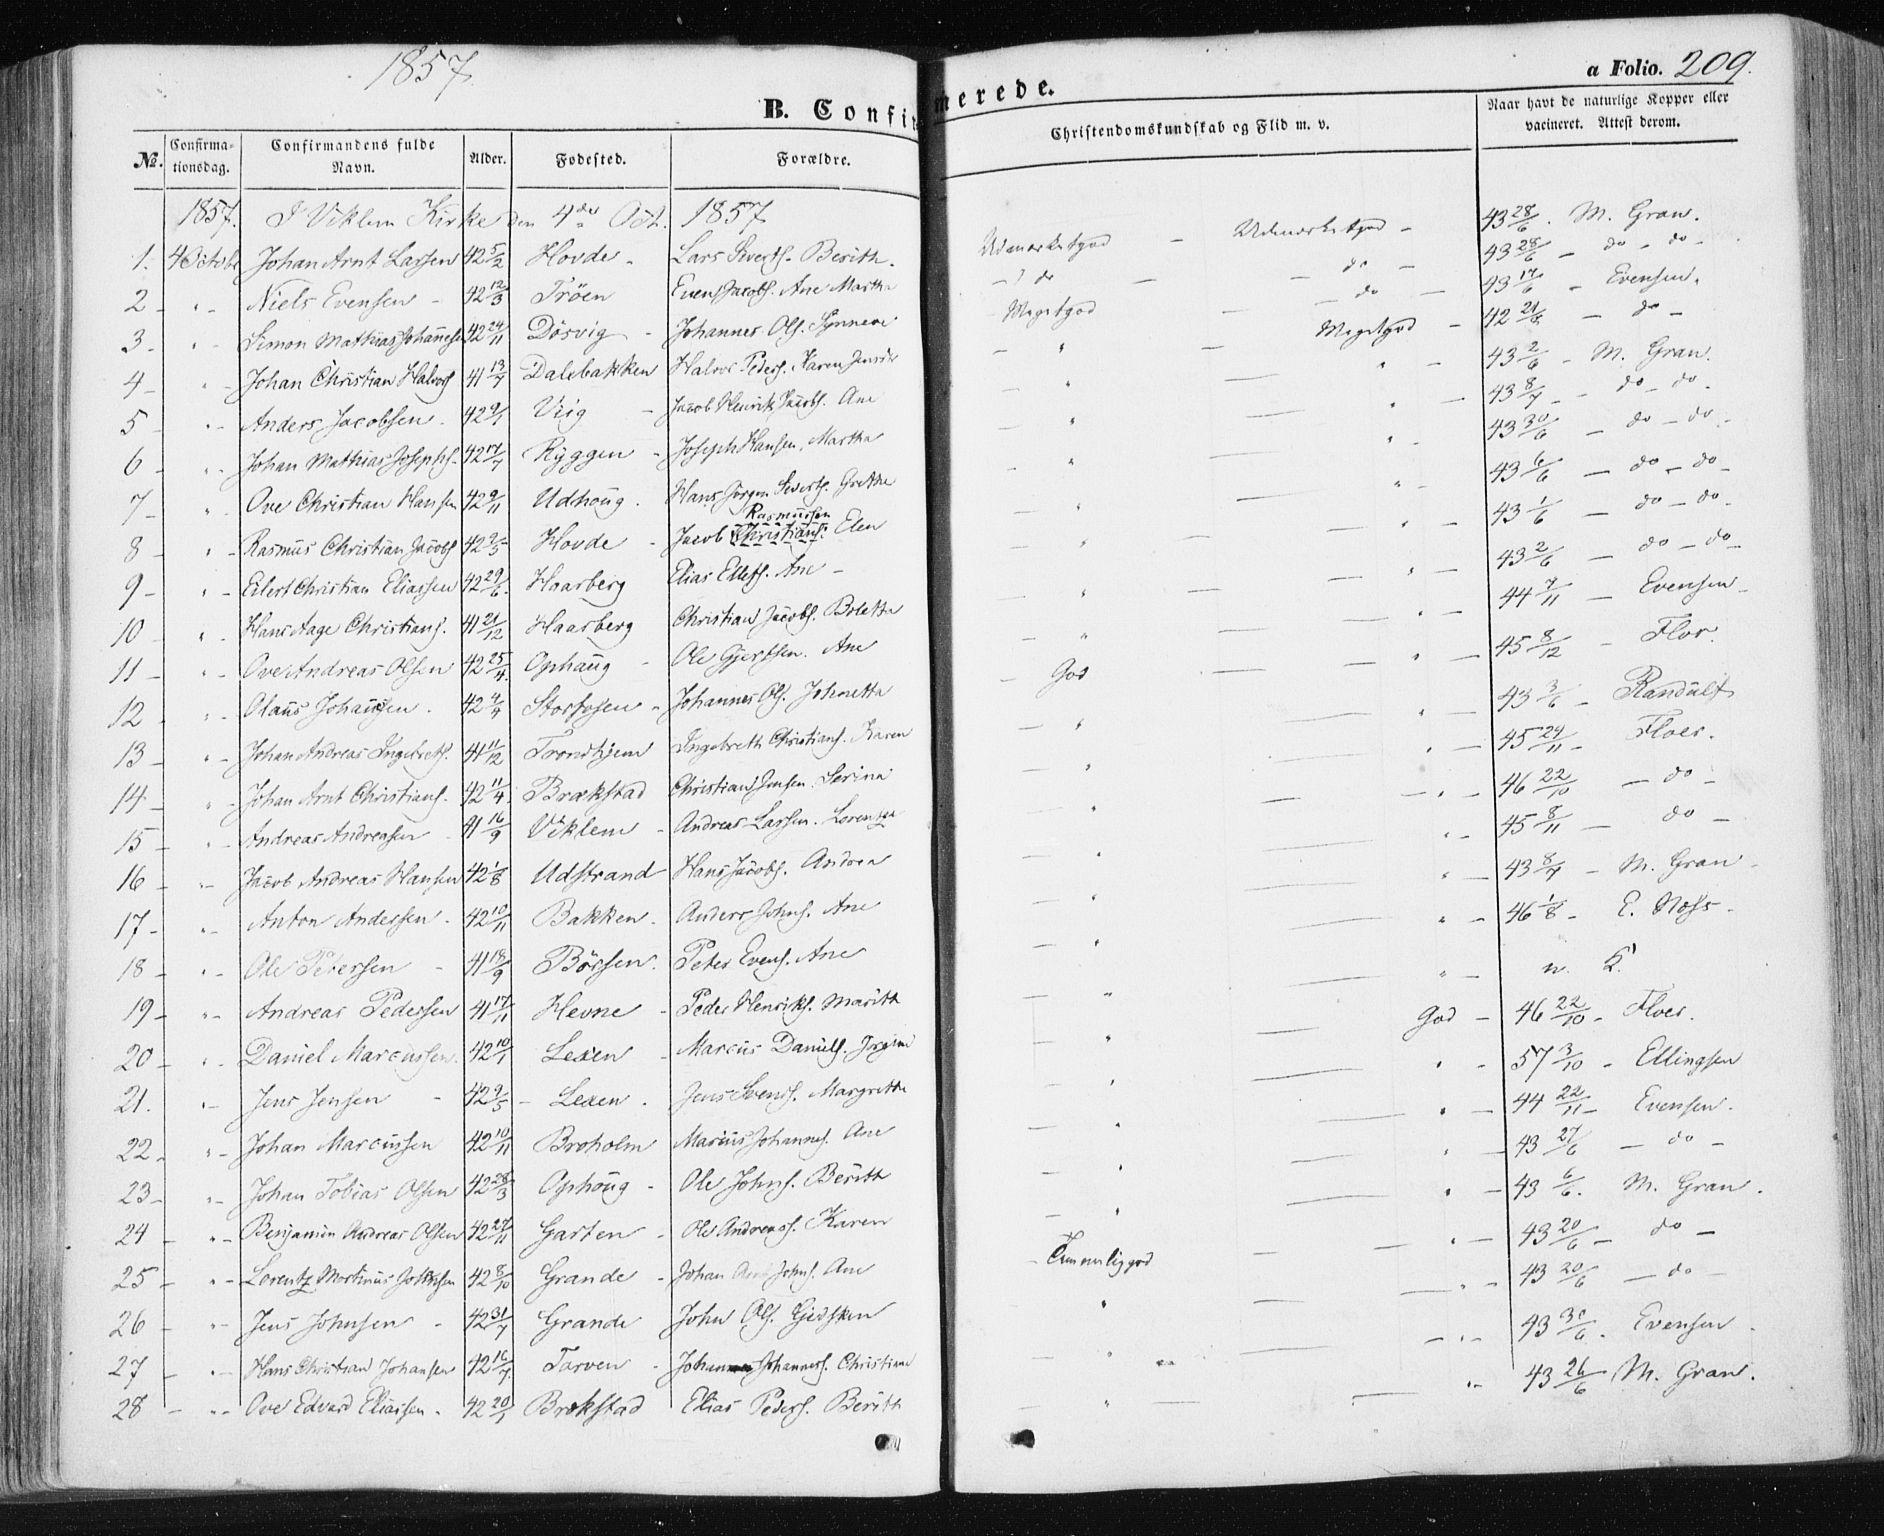 SAT, Ministerialprotokoller, klokkerbøker og fødselsregistre - Sør-Trøndelag, 659/L0737: Ministerialbok nr. 659A07, 1857-1875, s. 209